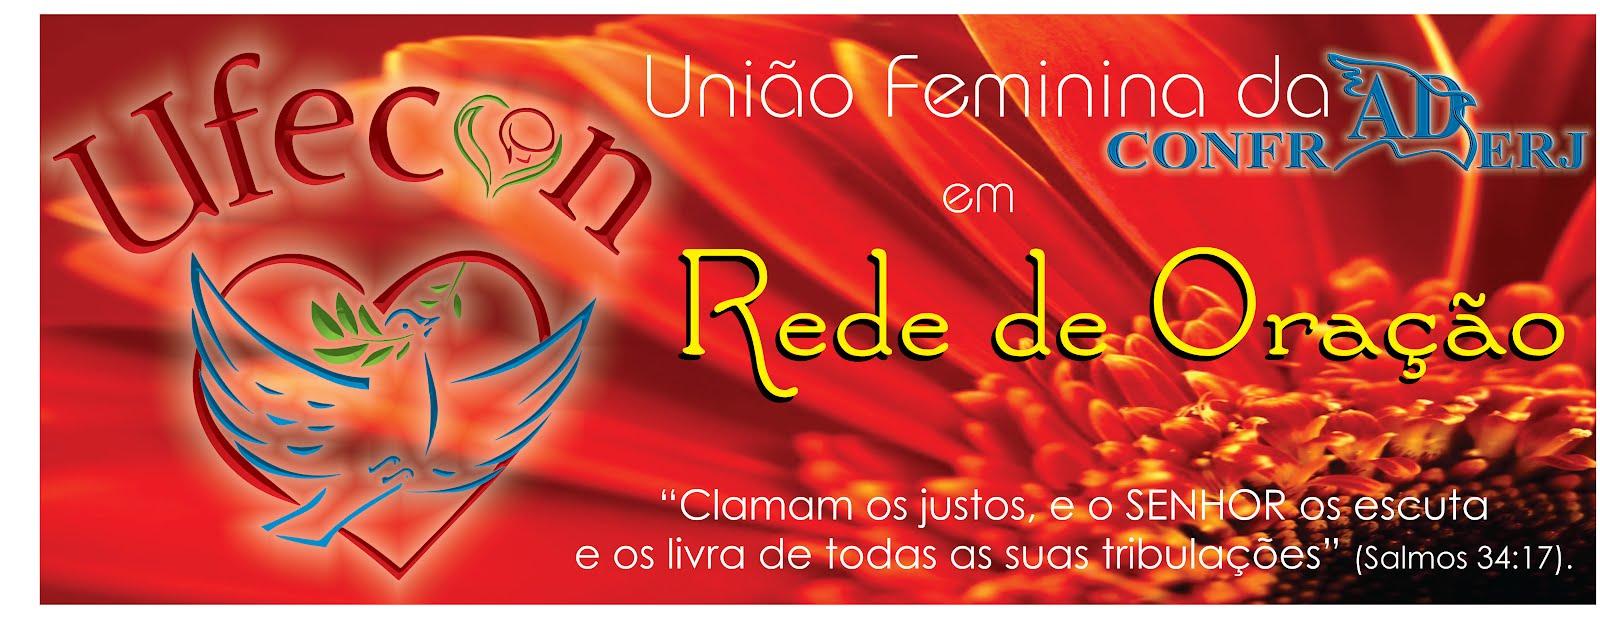 REDE DE ORAÇÃO DA UFECON